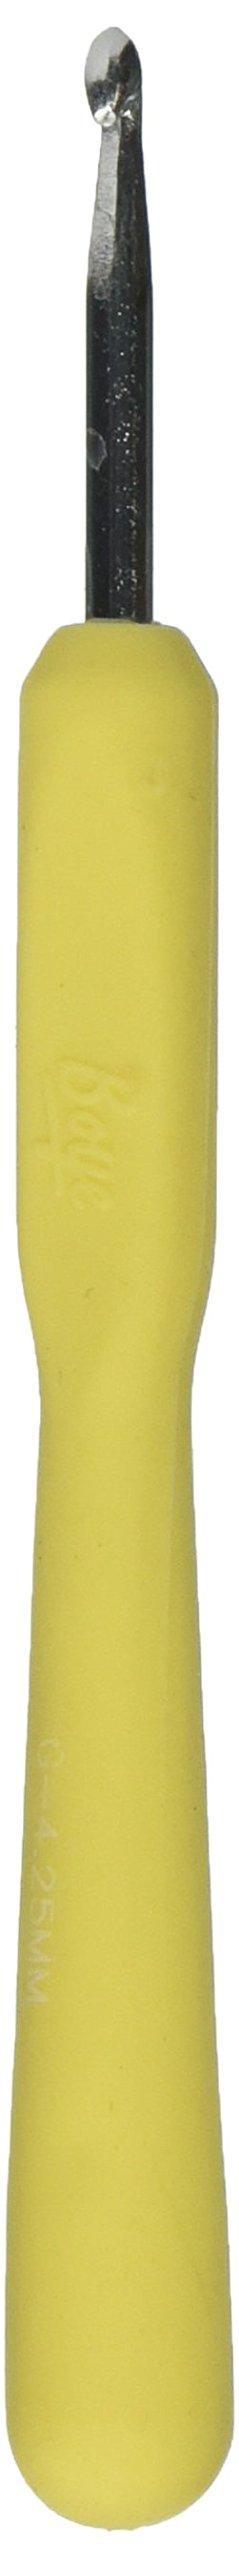 Boye - Aguja de Crochet ergonómico 332680000Gm, 6